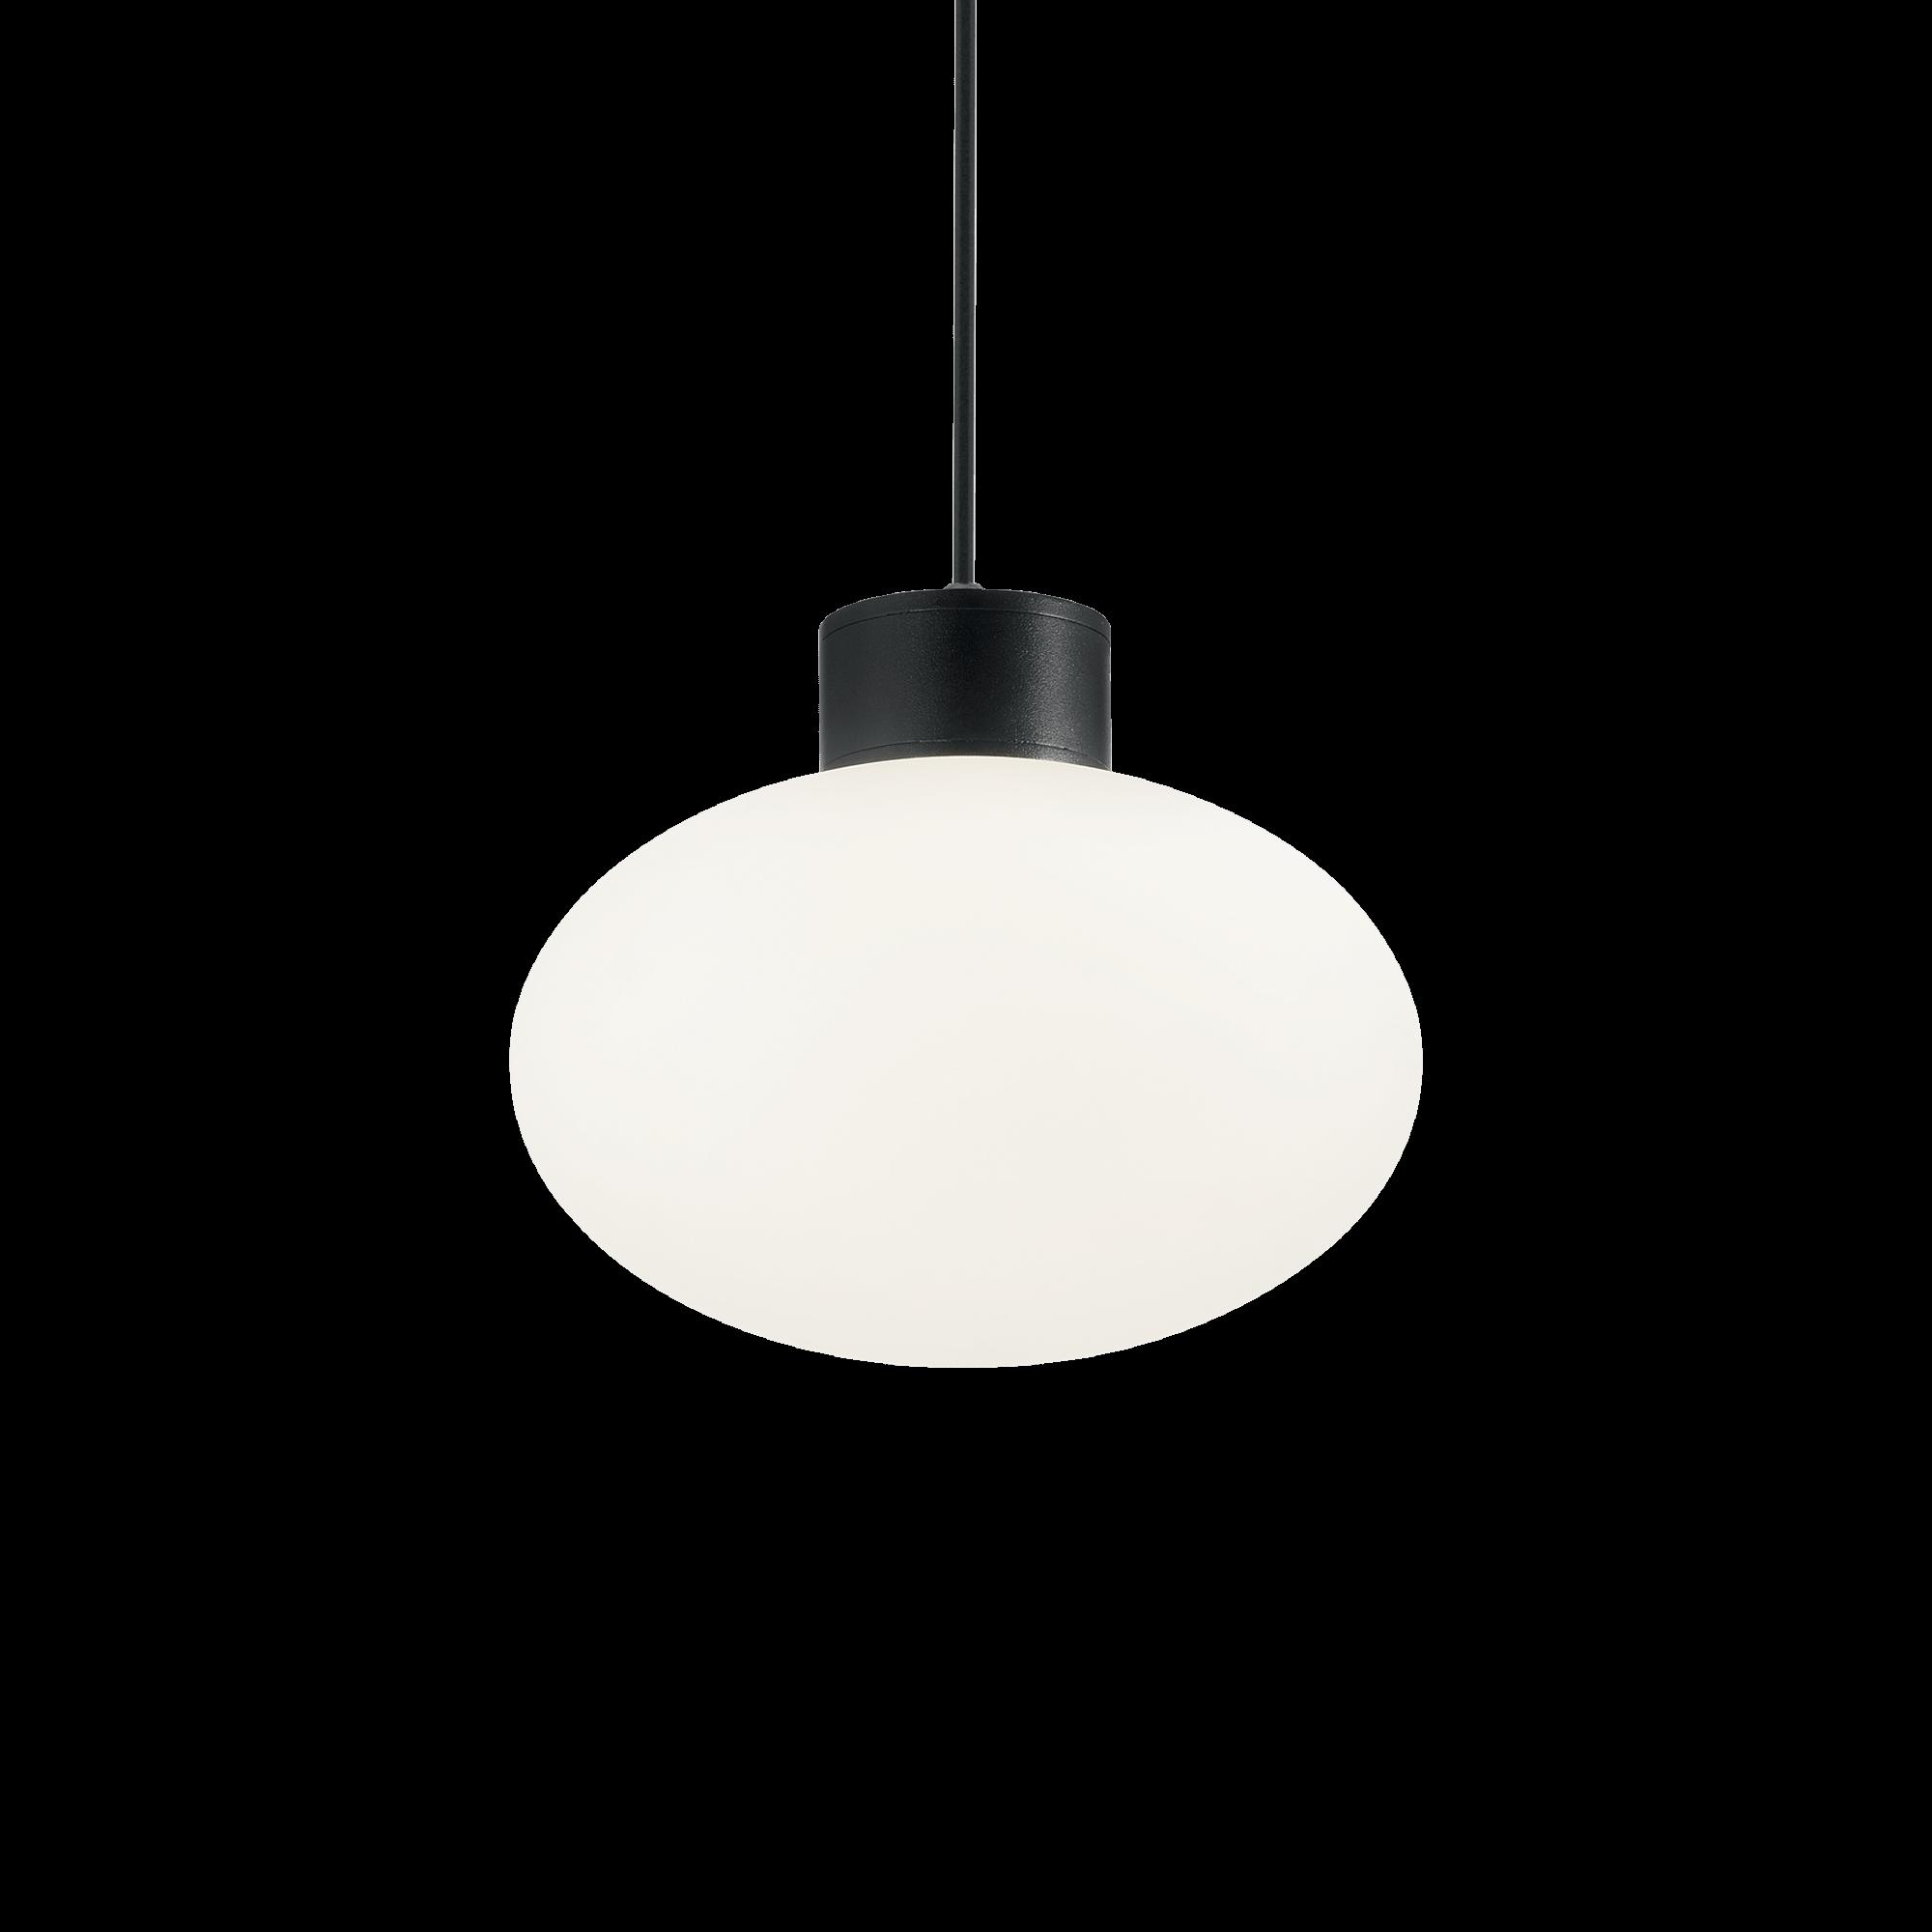 Ideal Lux 149493 ARMONY SP1 NERO kültéri függeszték